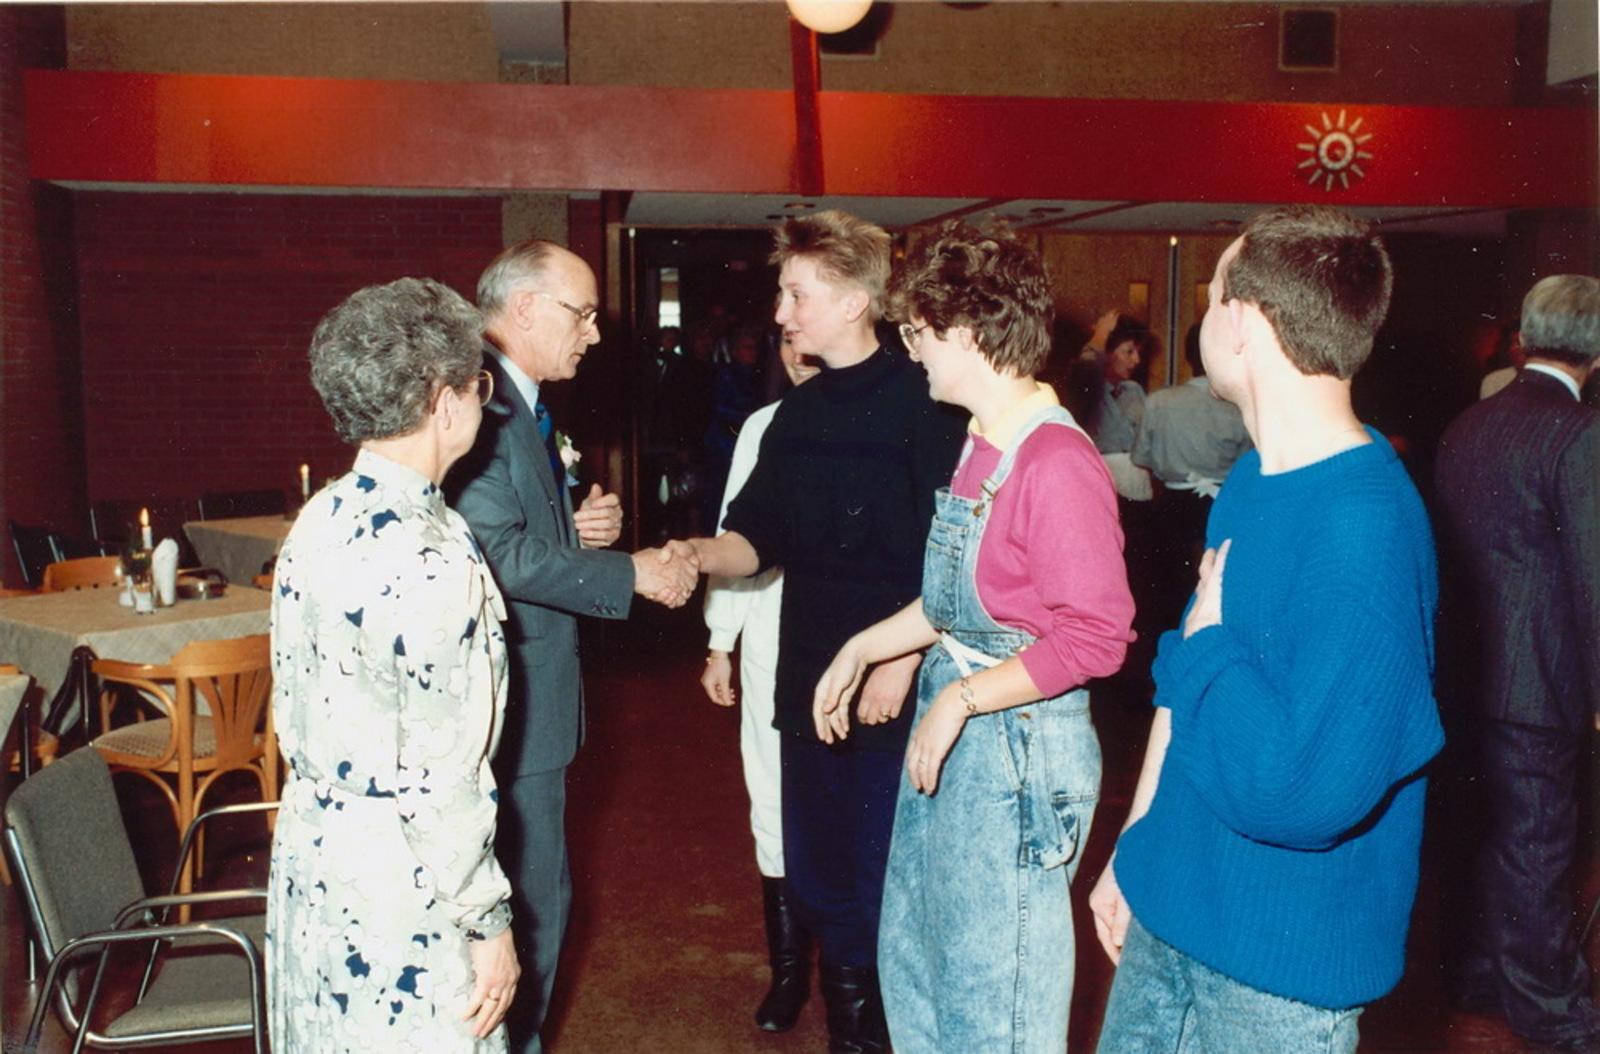 Marktlaan O 0022 1988 Sigarenboer Kraak 50jr Jub en Sluiting 60